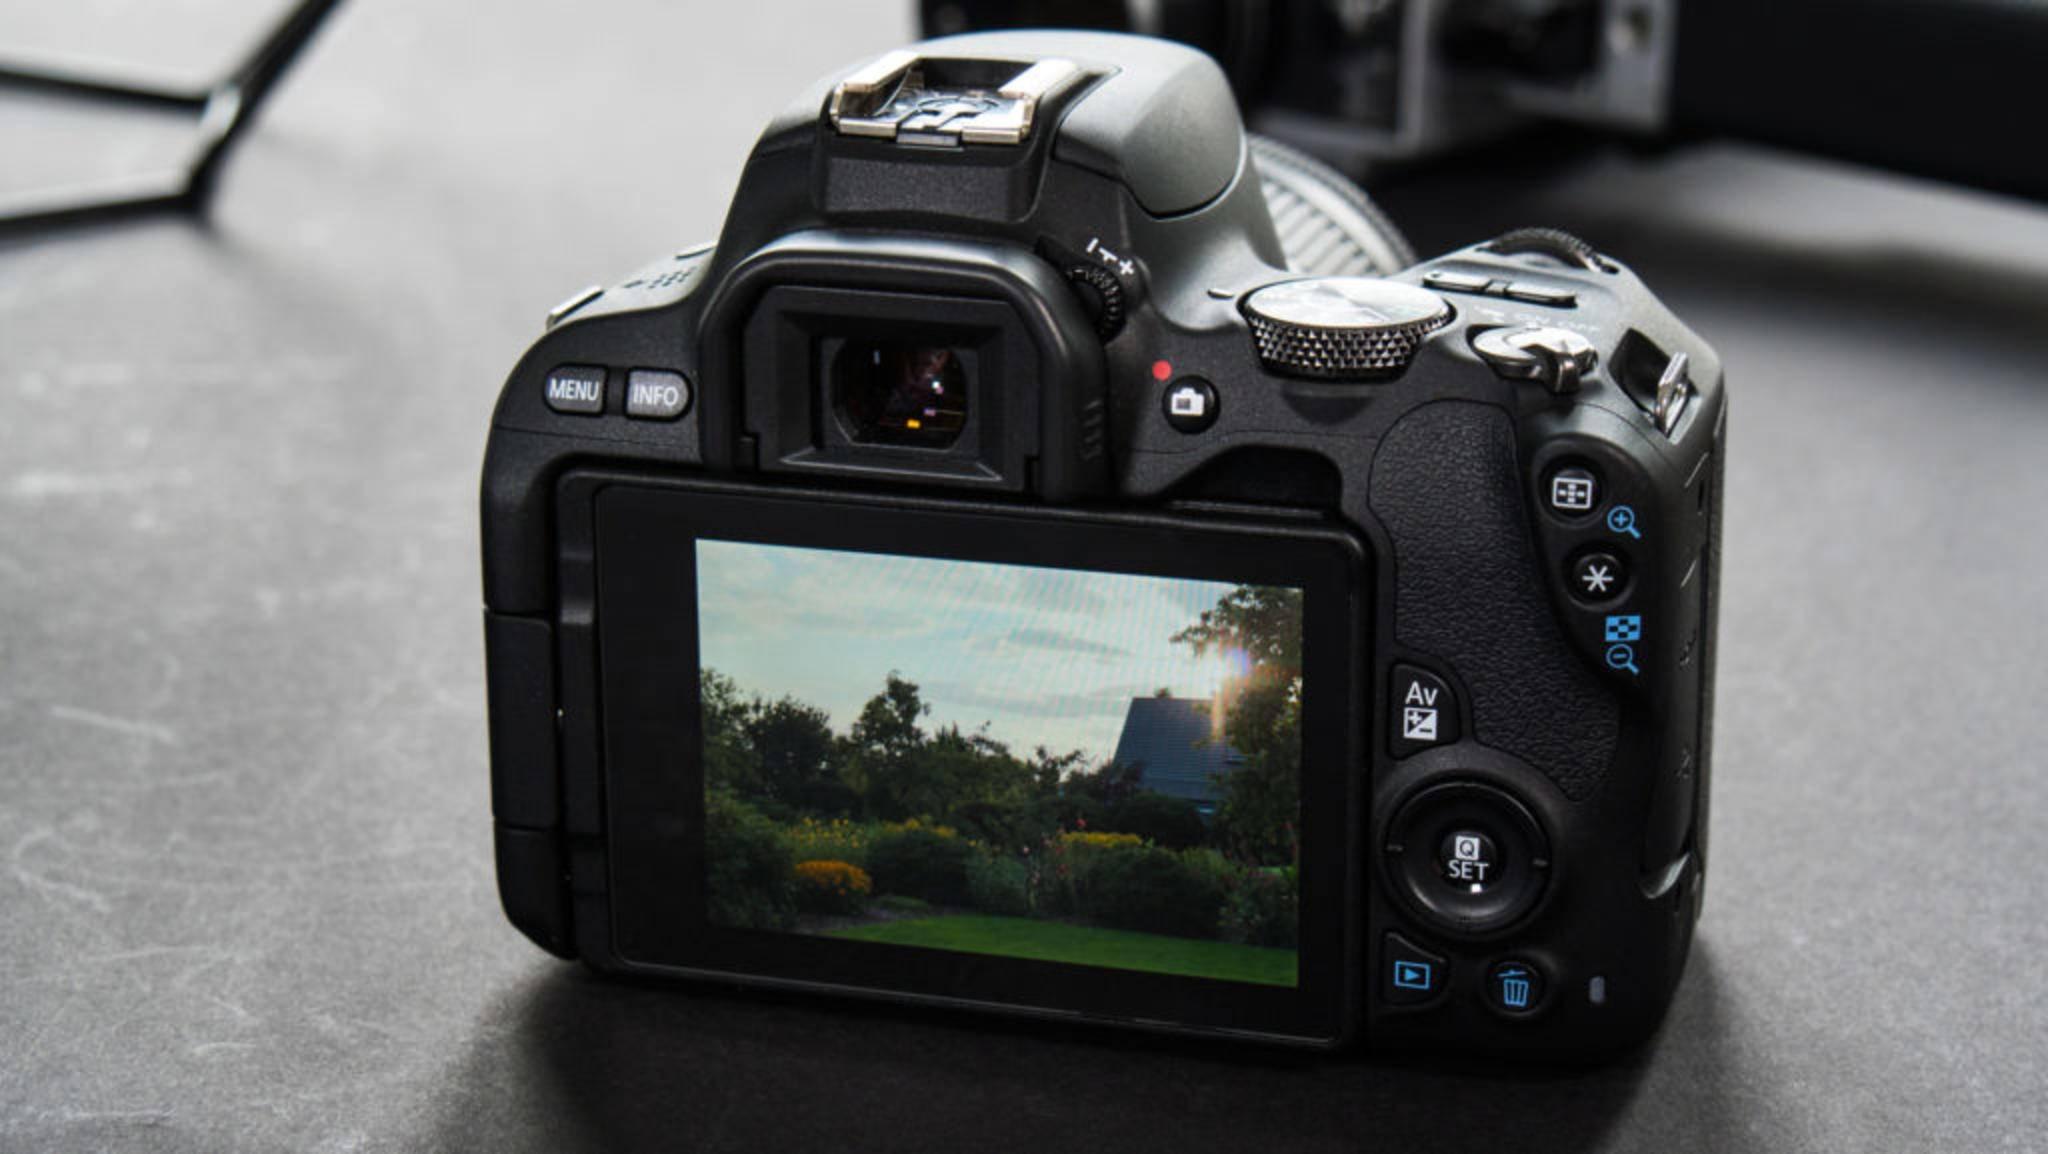 Die Canon EOS 200D ist eine empfehlenswerte Einsteiger-DSLRs.